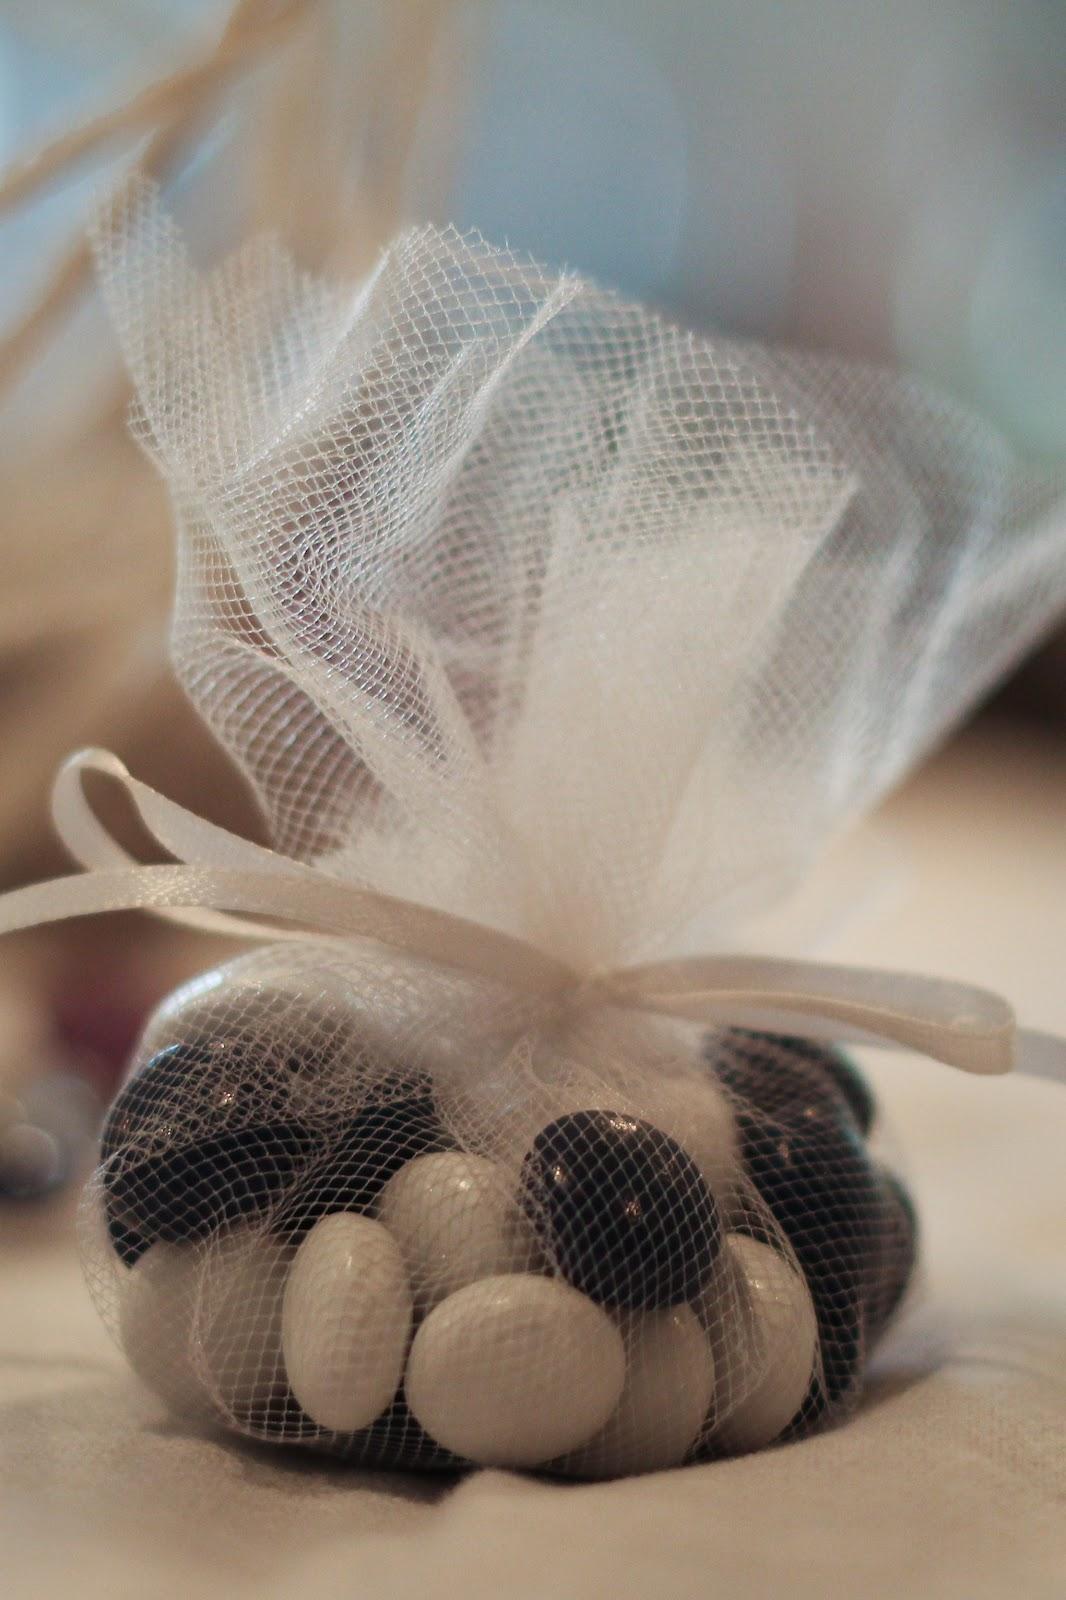 Diy weddings under 3000 - Thursday may 31 2012